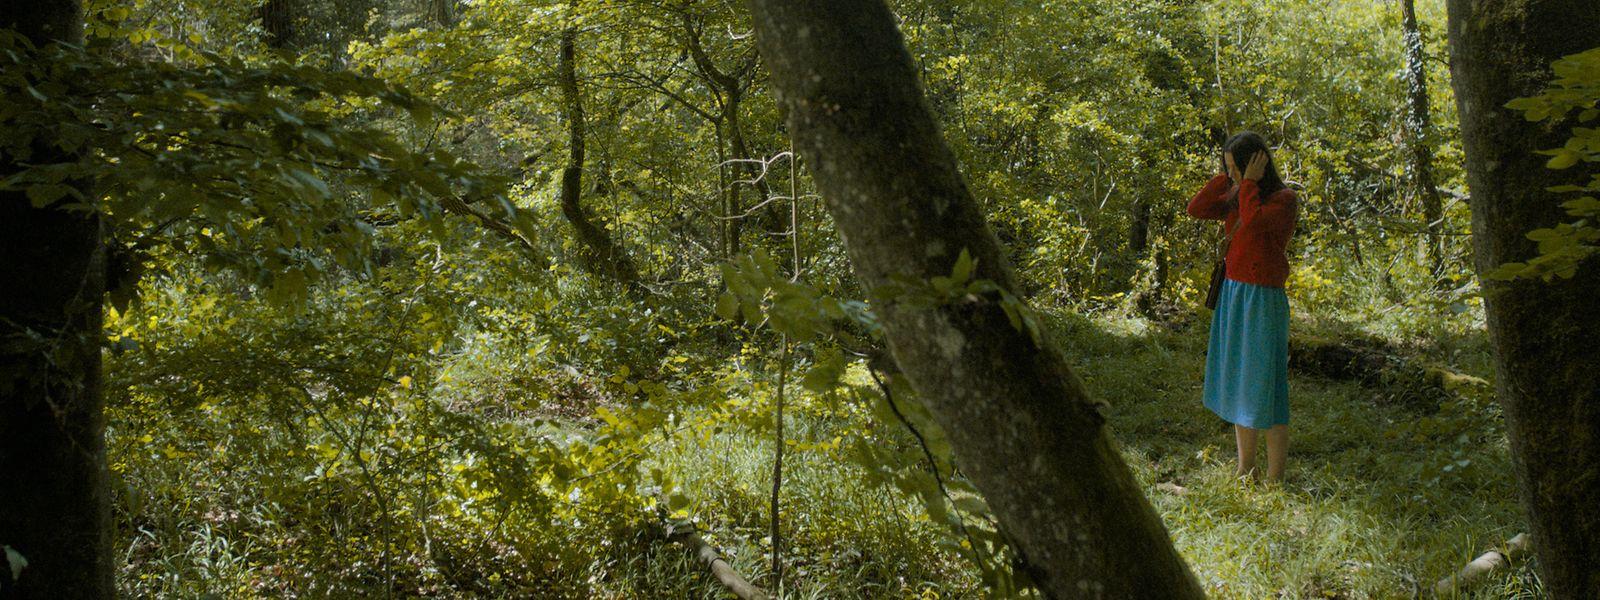 «W», une jeune femme perdue dans la forêt et dans la vie.